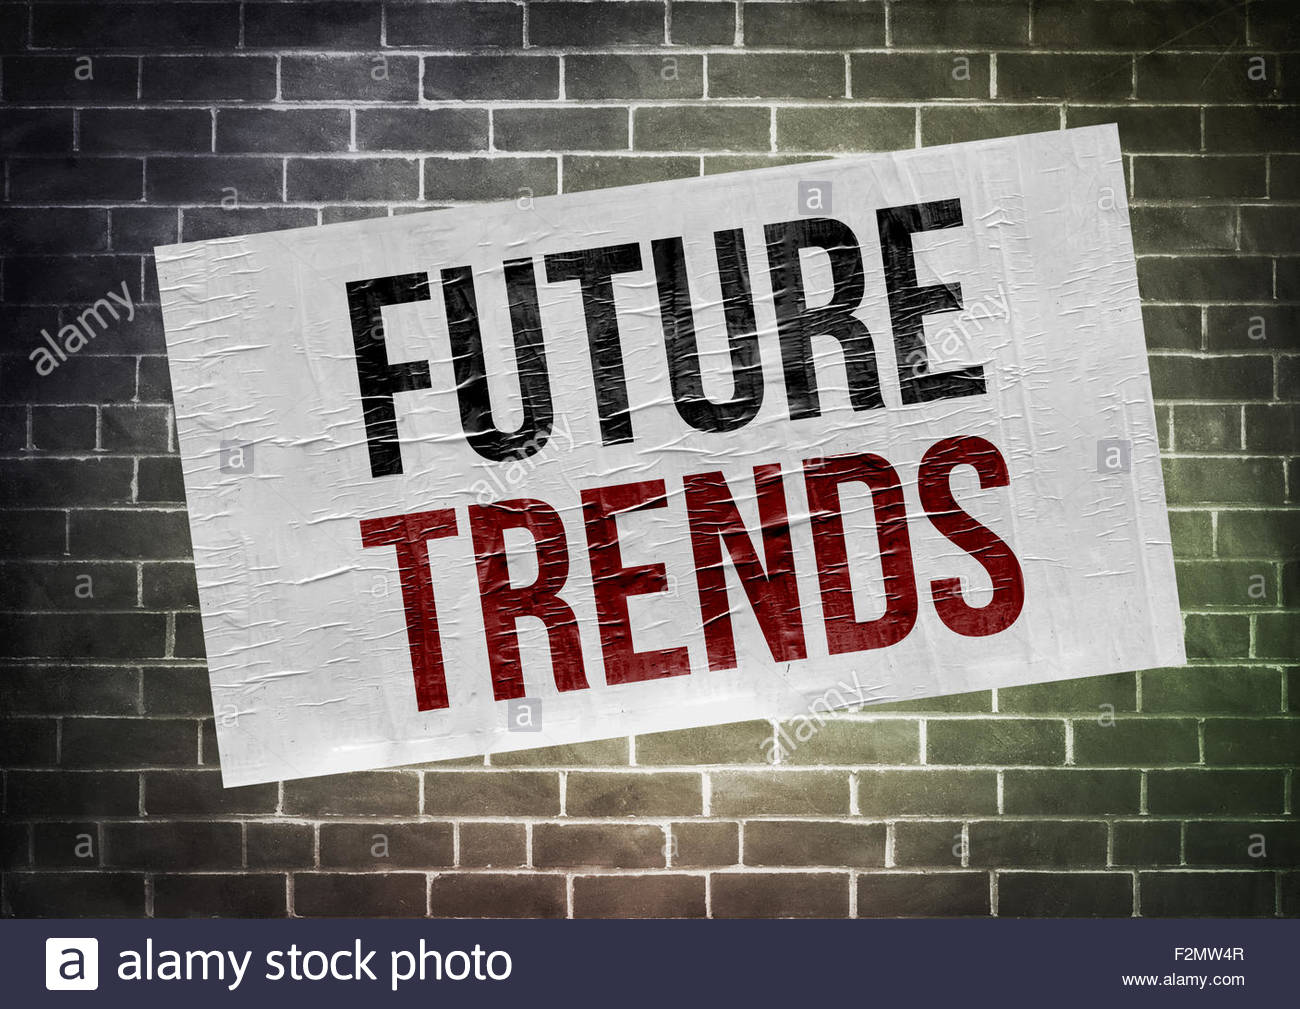 Tendencias futuras Imagen De Stock